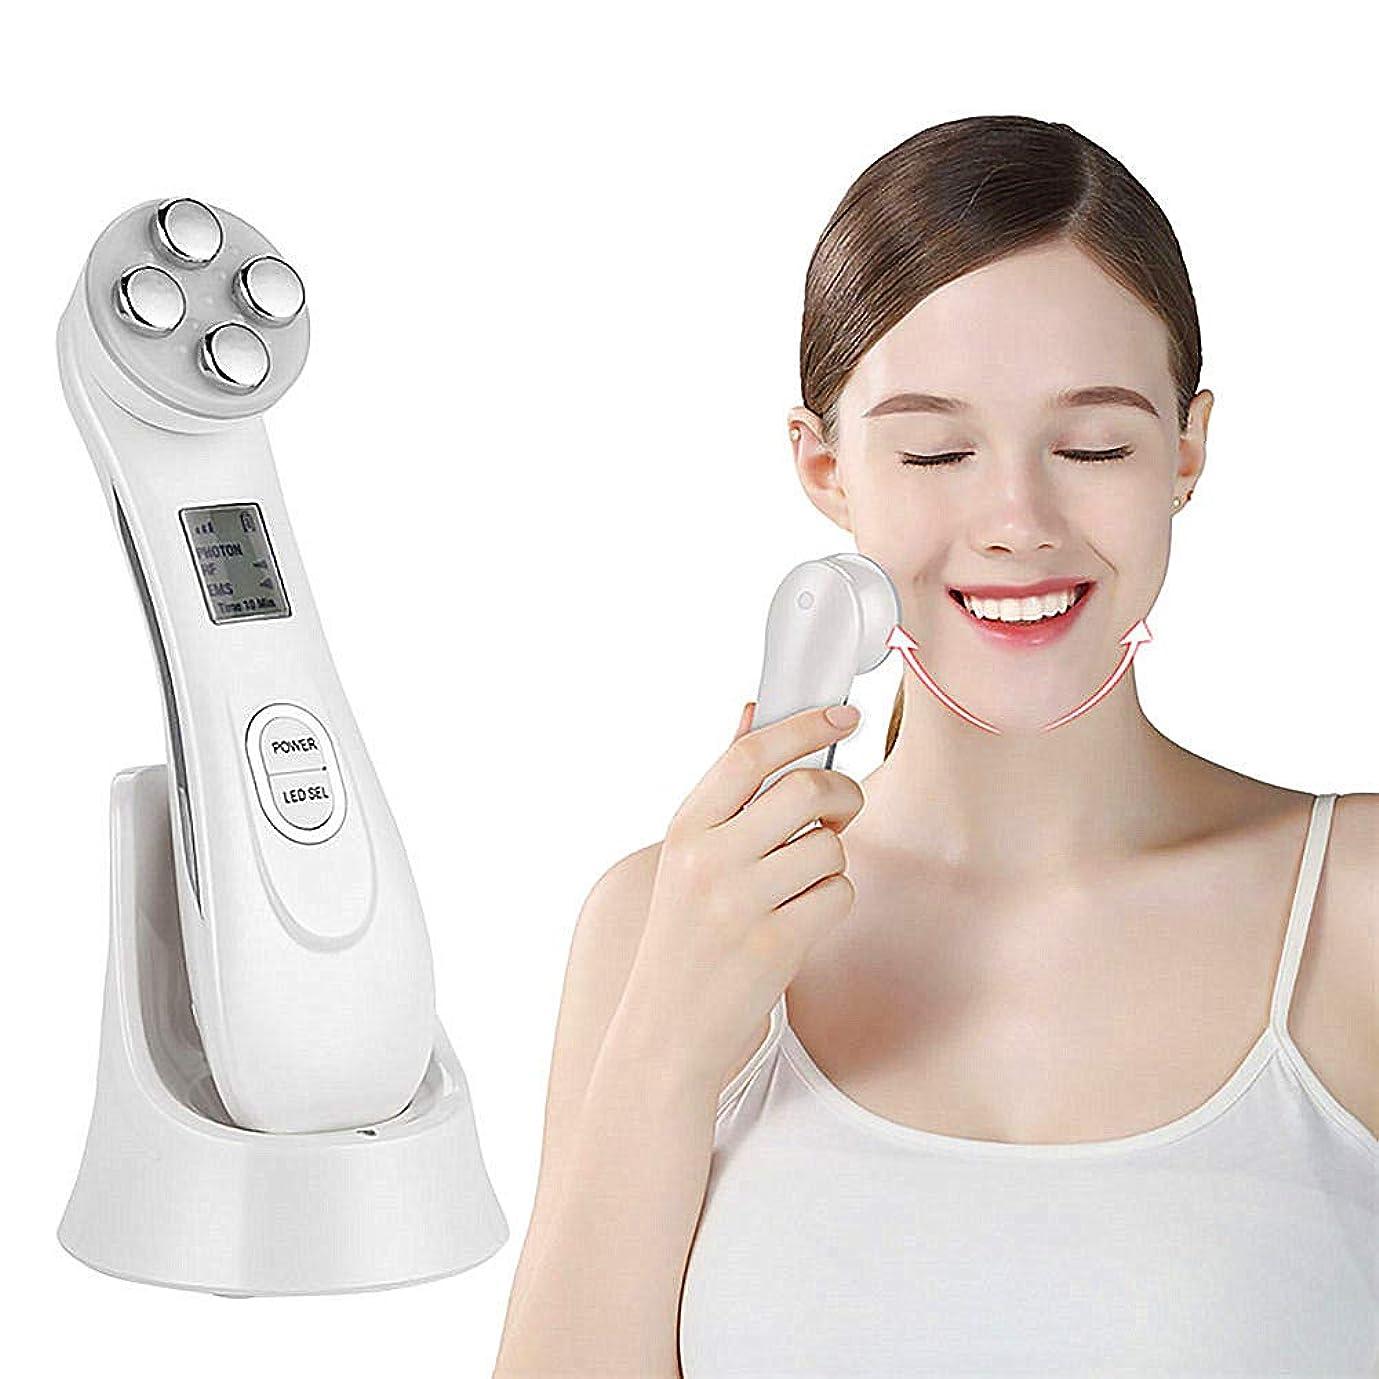 コーチノート鉛筆顔スキン EMS メソセラピーエレクトロポレーション RF ラジオ周波数顔 LED フォトンスキンケアデバイスフェイスリフティングは、美容ツールを締めます